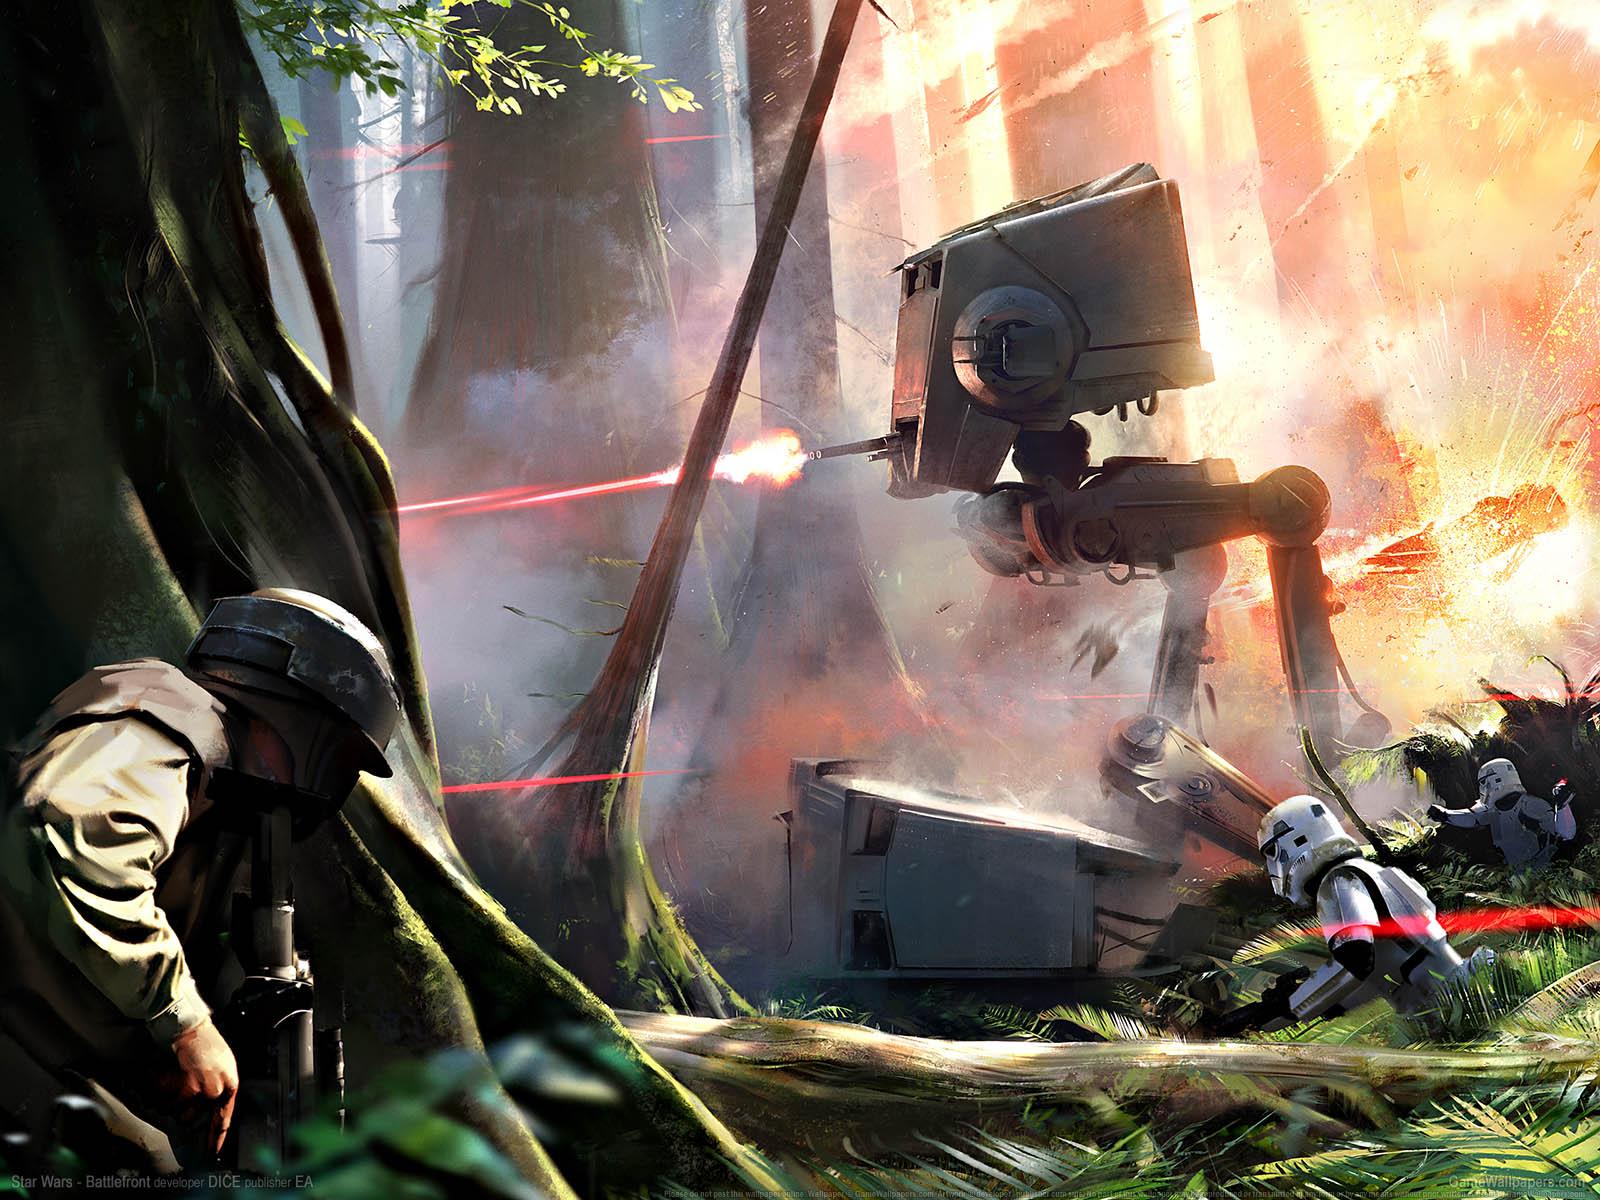 Star Wars - Battlefrontνmmer=01 achtergrond  1600x1200